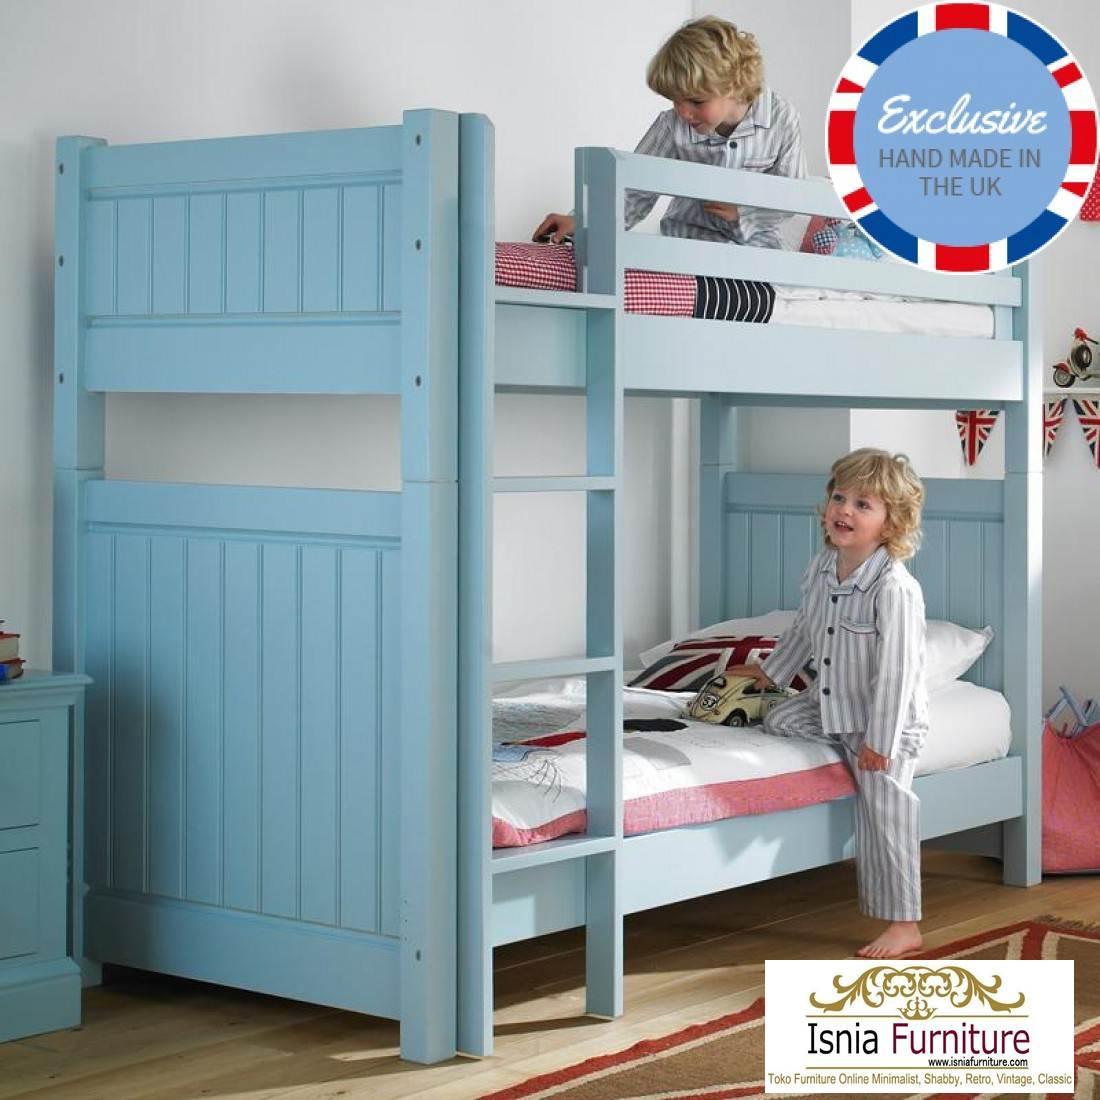 tempat-tidur-tingkat-anak-laki-laki-kembar Model Tempat Tidur Anak Tingkat Modern Minimalis Untuk Laki Laki